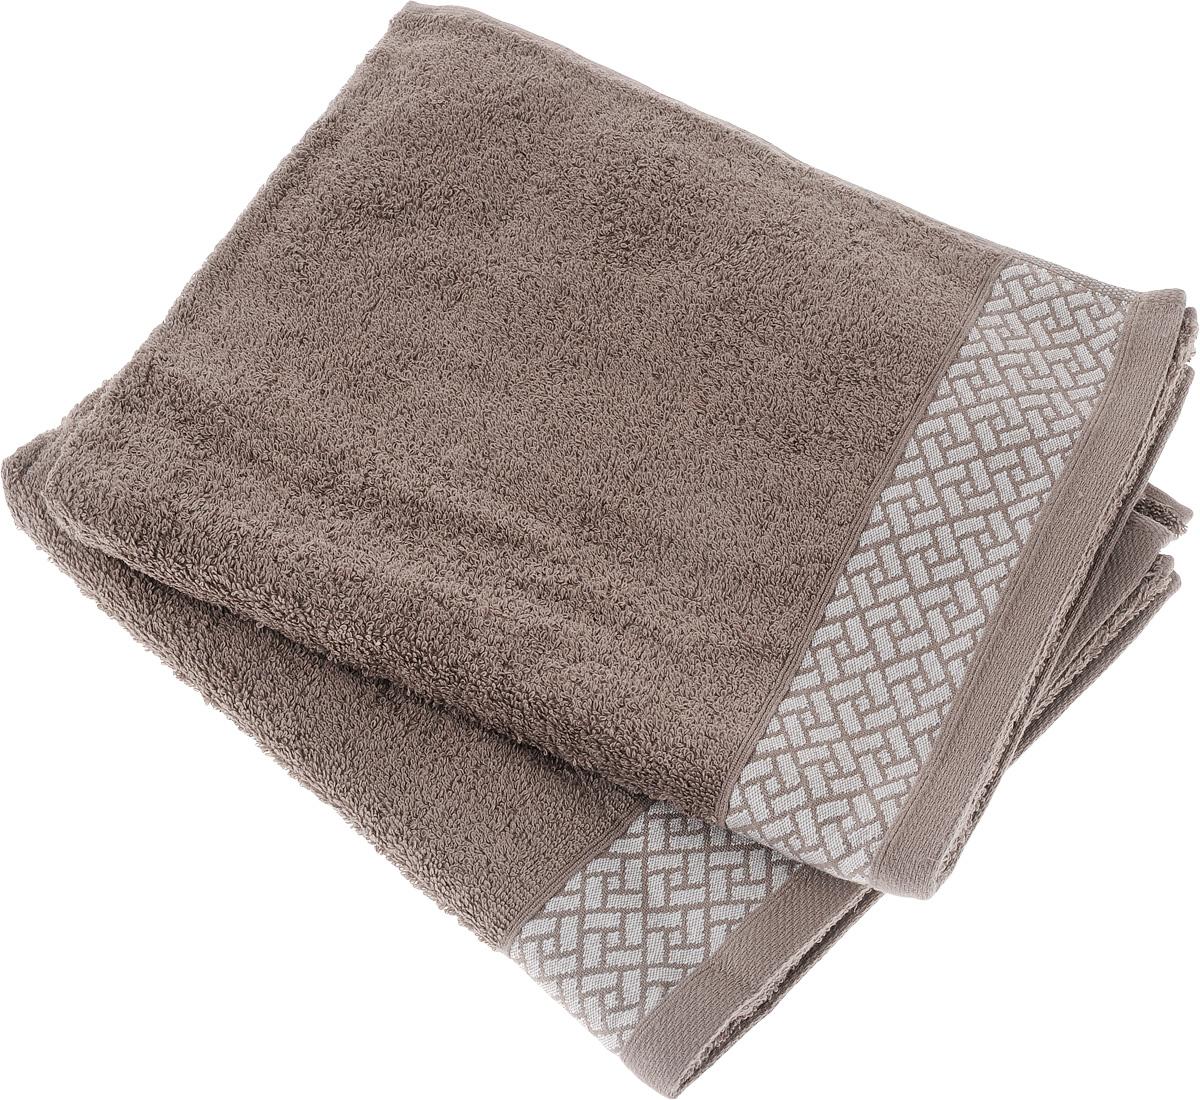 Набор полотенец Tete-a-Tete Лабиринт, цвет: кофе, 50 х 90 см, 2 шт. УП-009S03301004Набор Tete-a-Tete Лабиринт состоит из двух махровых полотенец, выполненных из натурального 100% хлопка. Бордюр полотенец декорирован геометрическим узором. Изделия мягкие, отлично впитывают влагу, быстро сохнут, сохраняют яркость цвета и не теряют форму даже после многократных стирок. Полотенца Tete-a-Tete Лабиринт очень практичны и неприхотливы в уходе. Они легко впишутся в любой интерьер благодаря своей нежной цветовой гамме.Размер полотенца: 50 х 90 см.